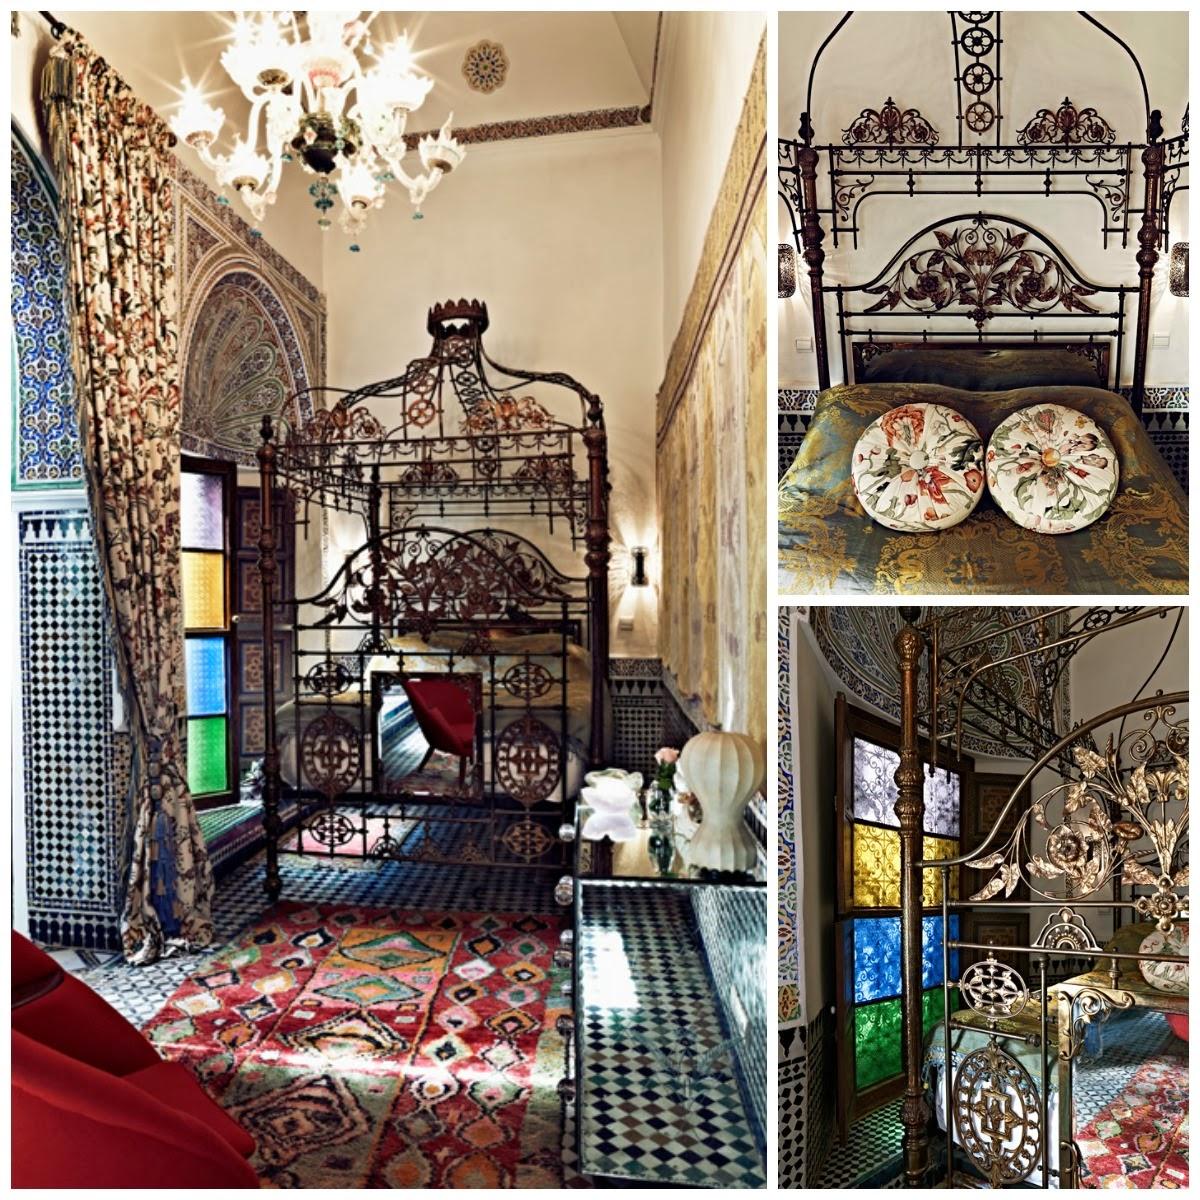 El tiempo entre costuras, Marruecos, La Musa Decoración, Dormitorio, Bedroom